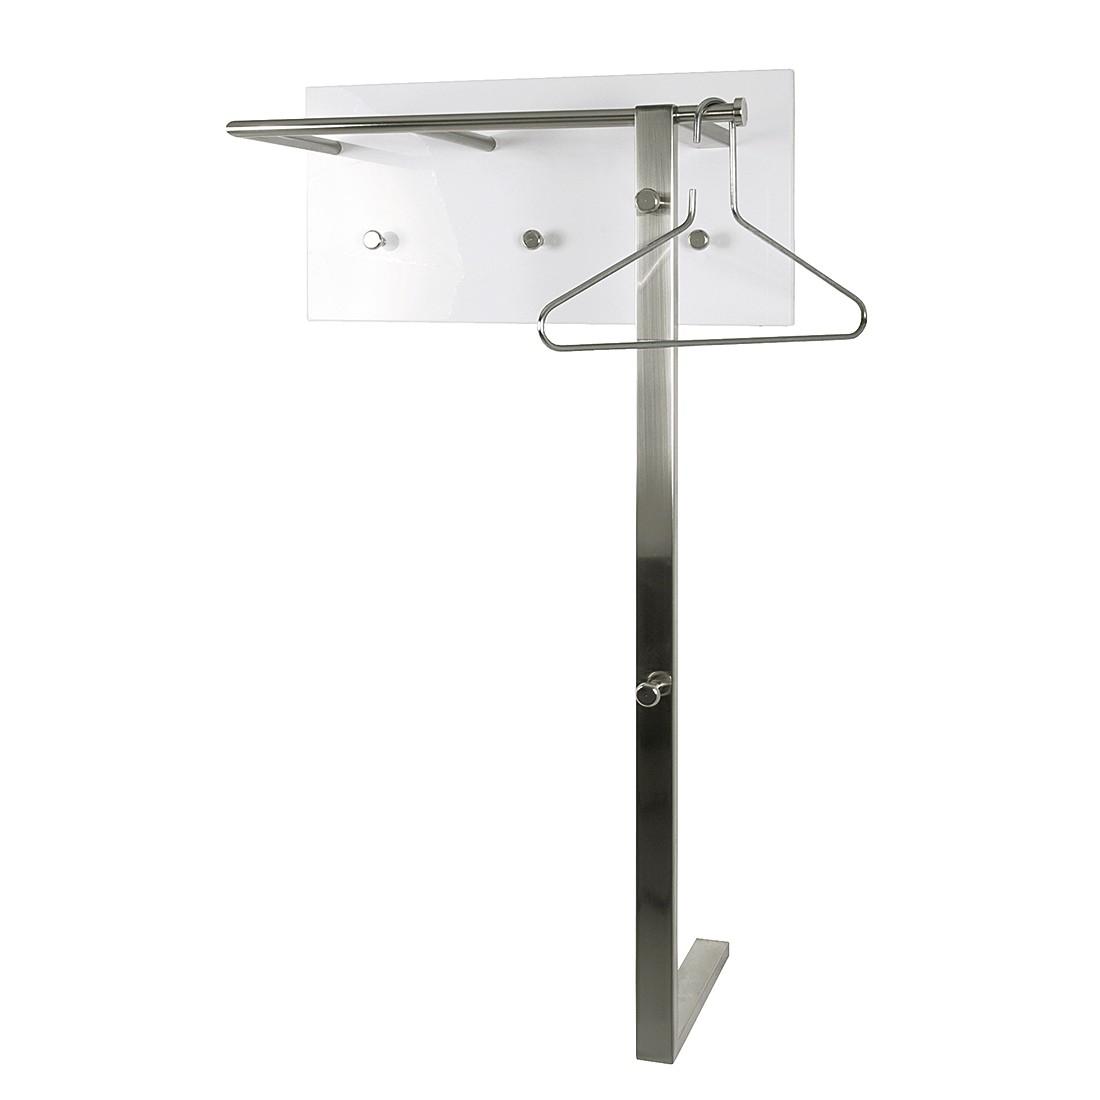 Wandgarderobe Felipe III - chroomkleurig/hoogglans wit, Home Design